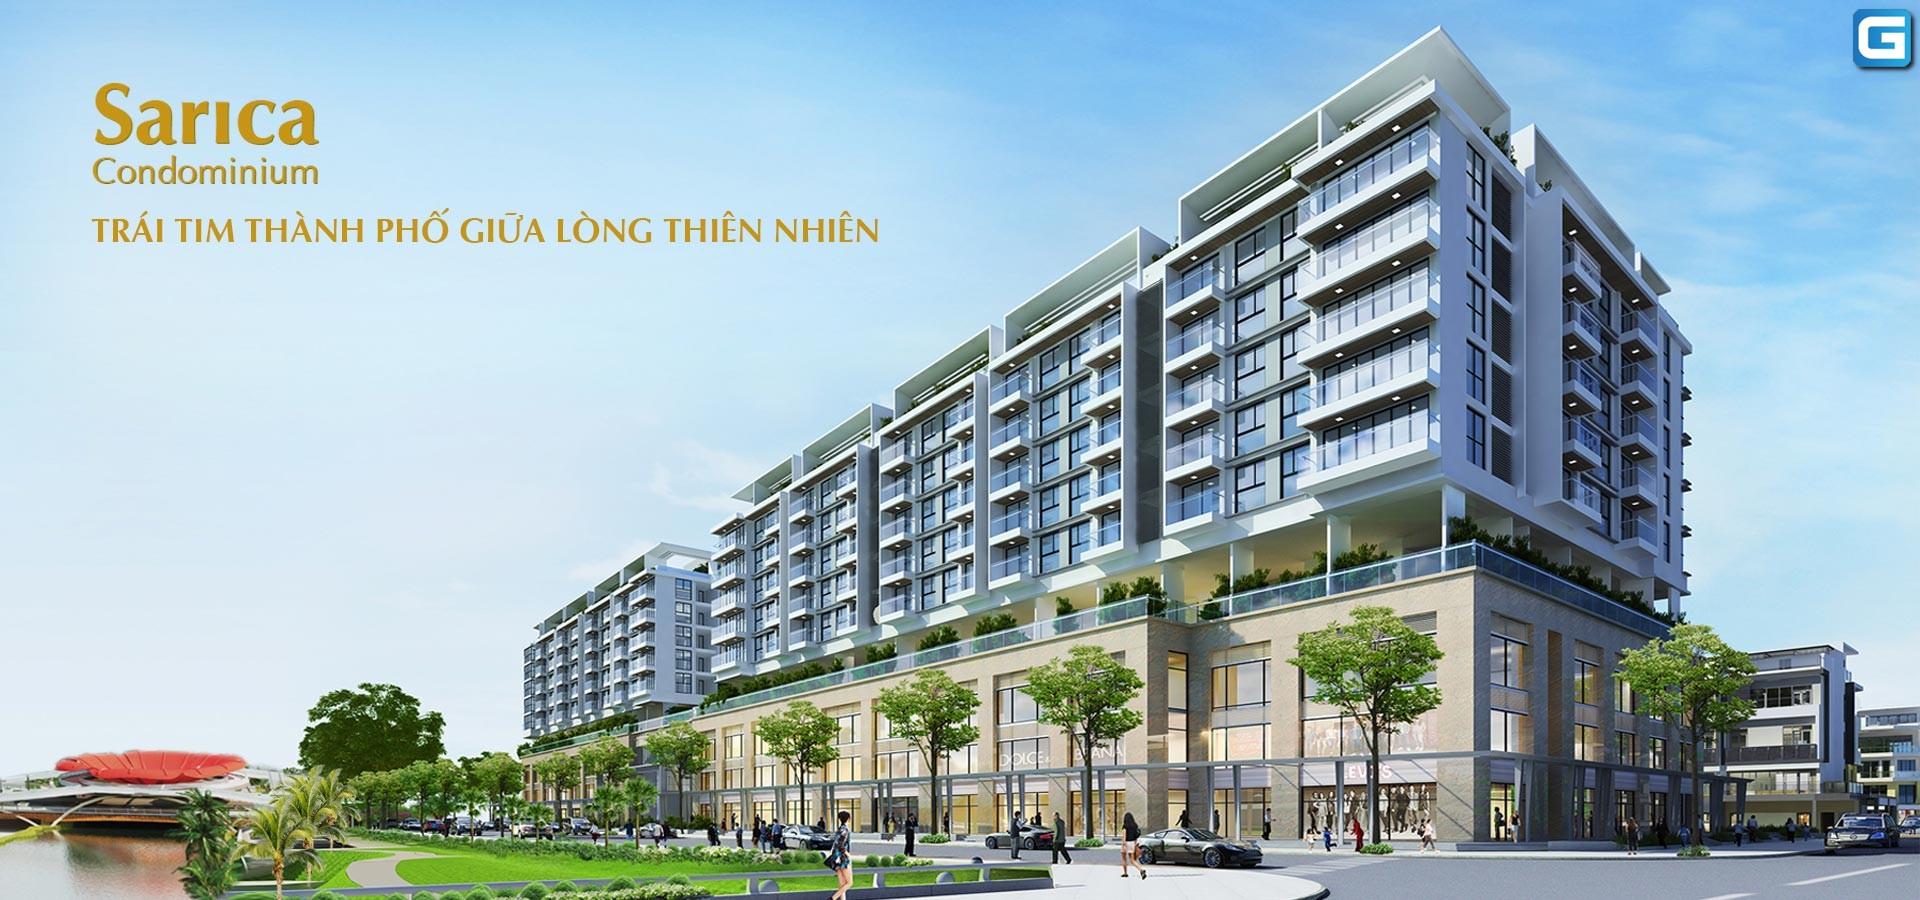 Sarica Condominium Sala